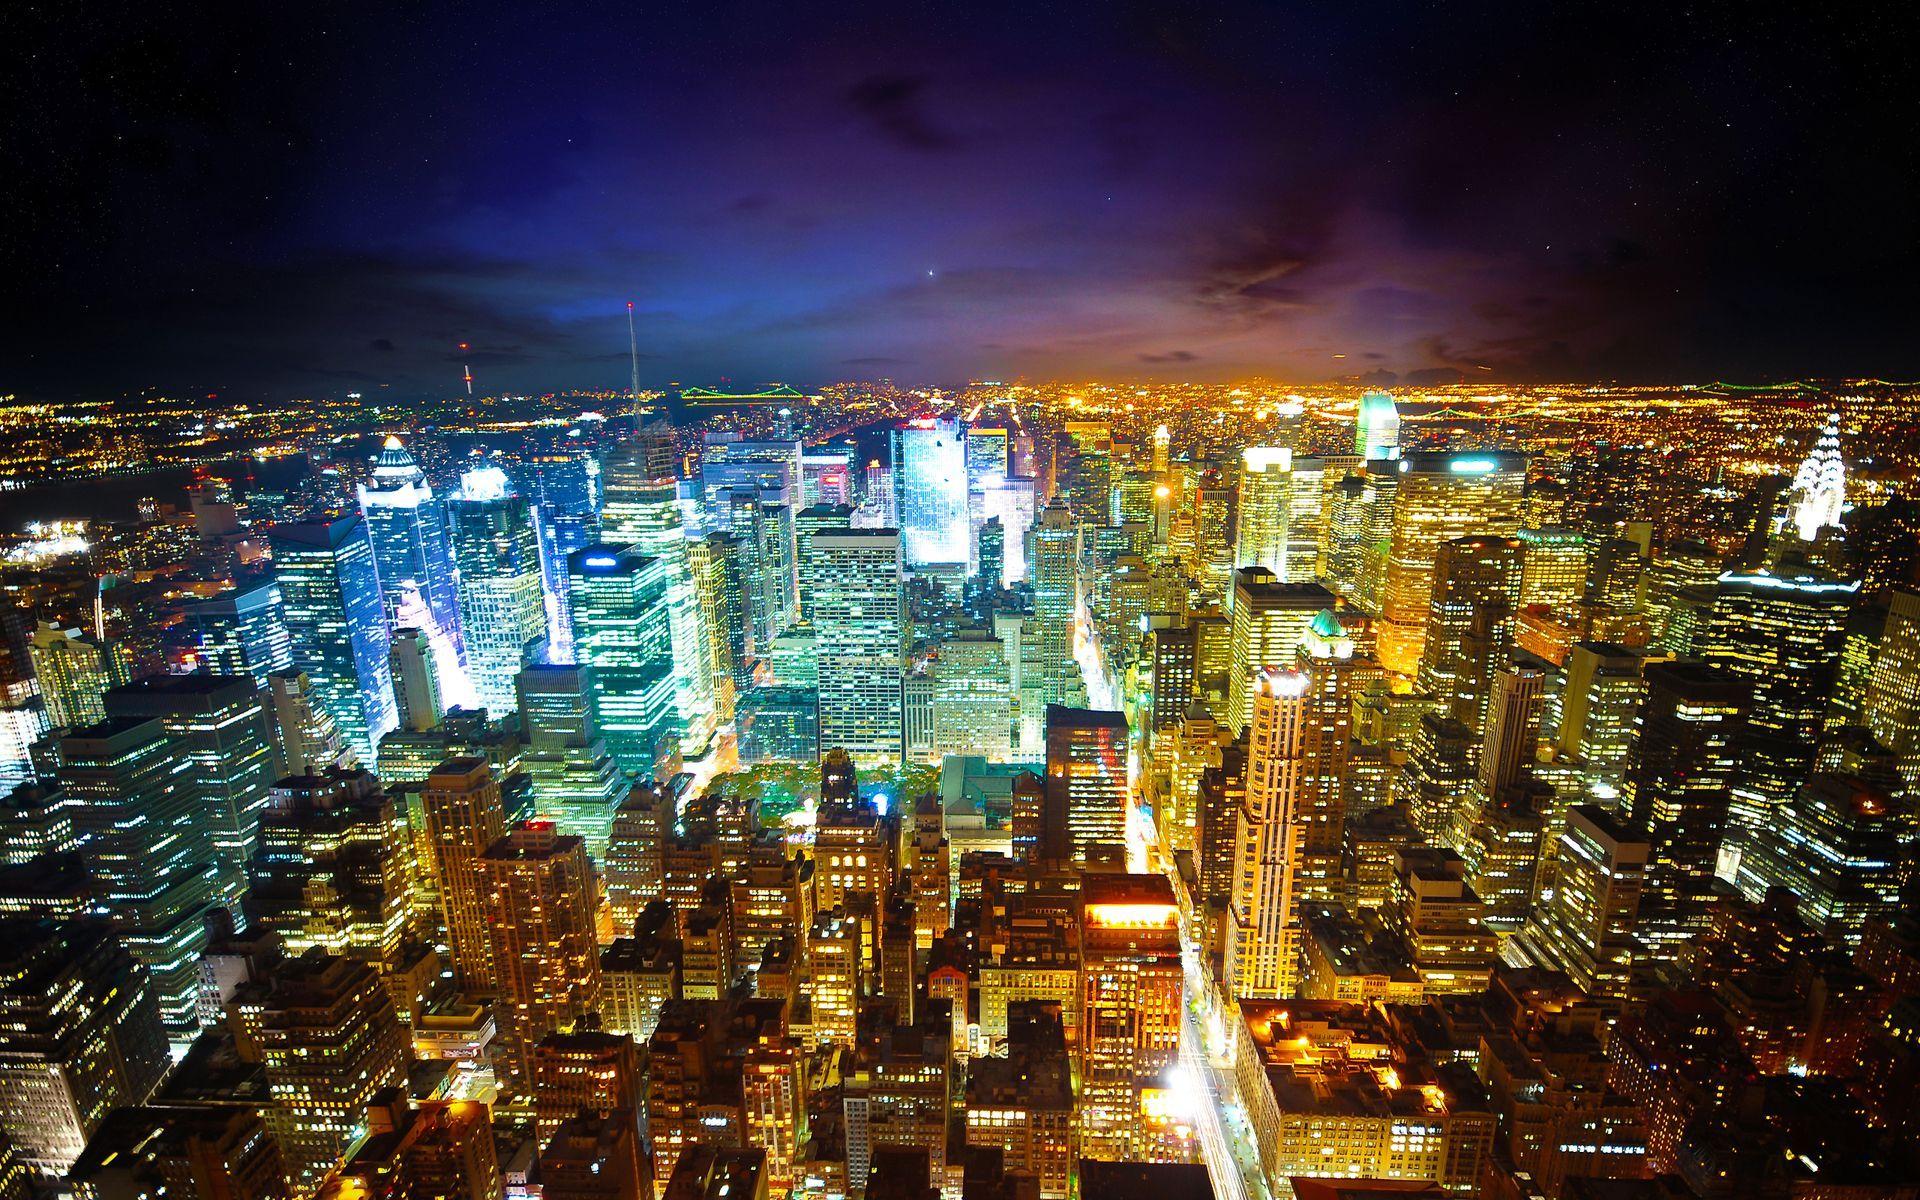 City Light New York Skyline wallpaper.